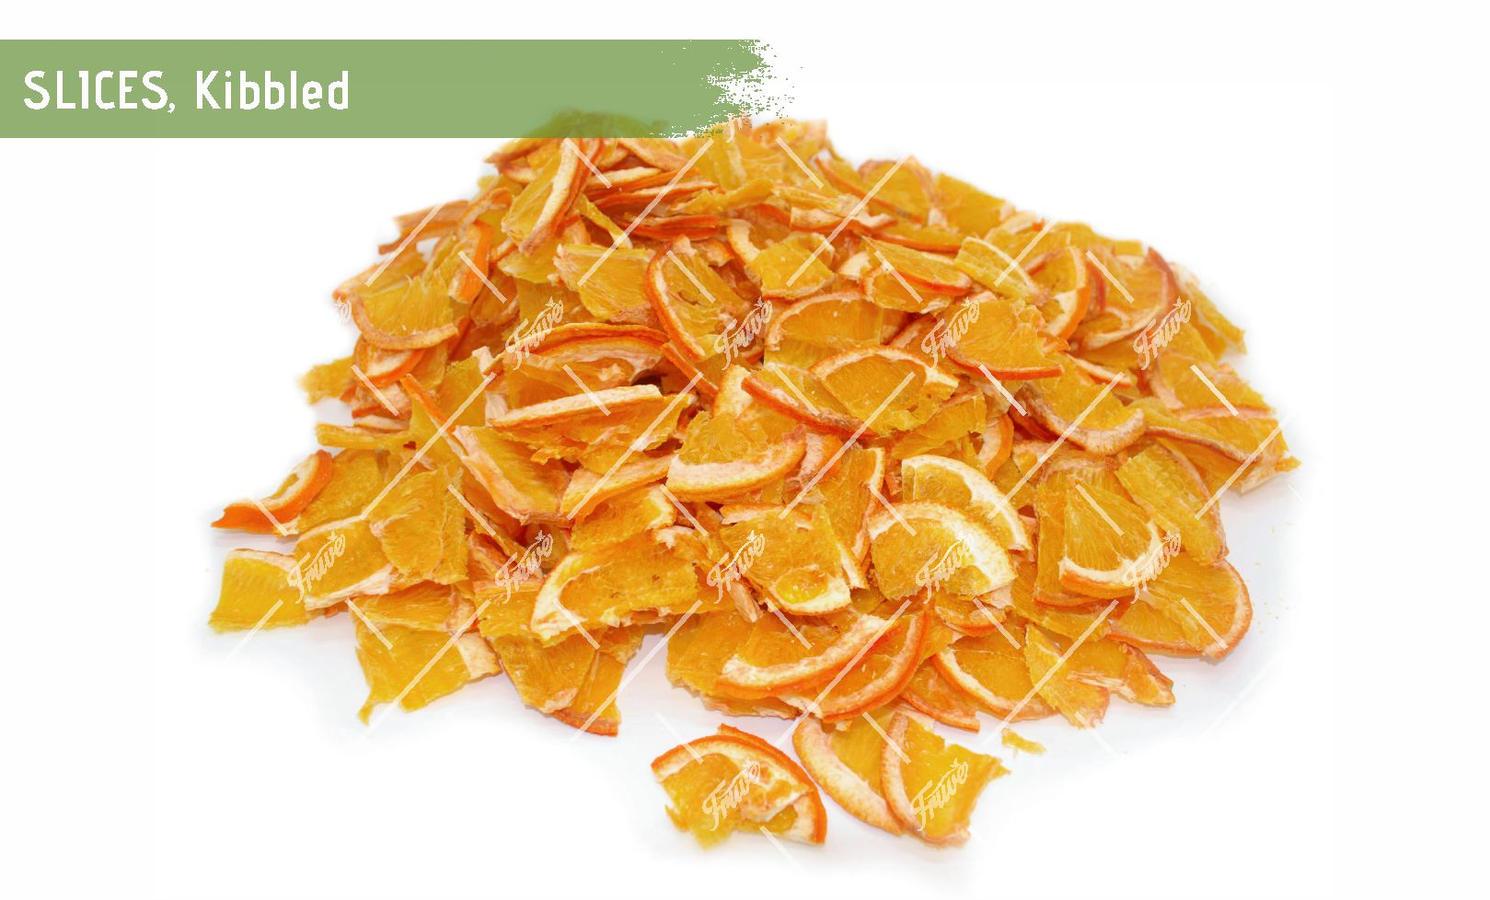 Orange Slices Kibbled